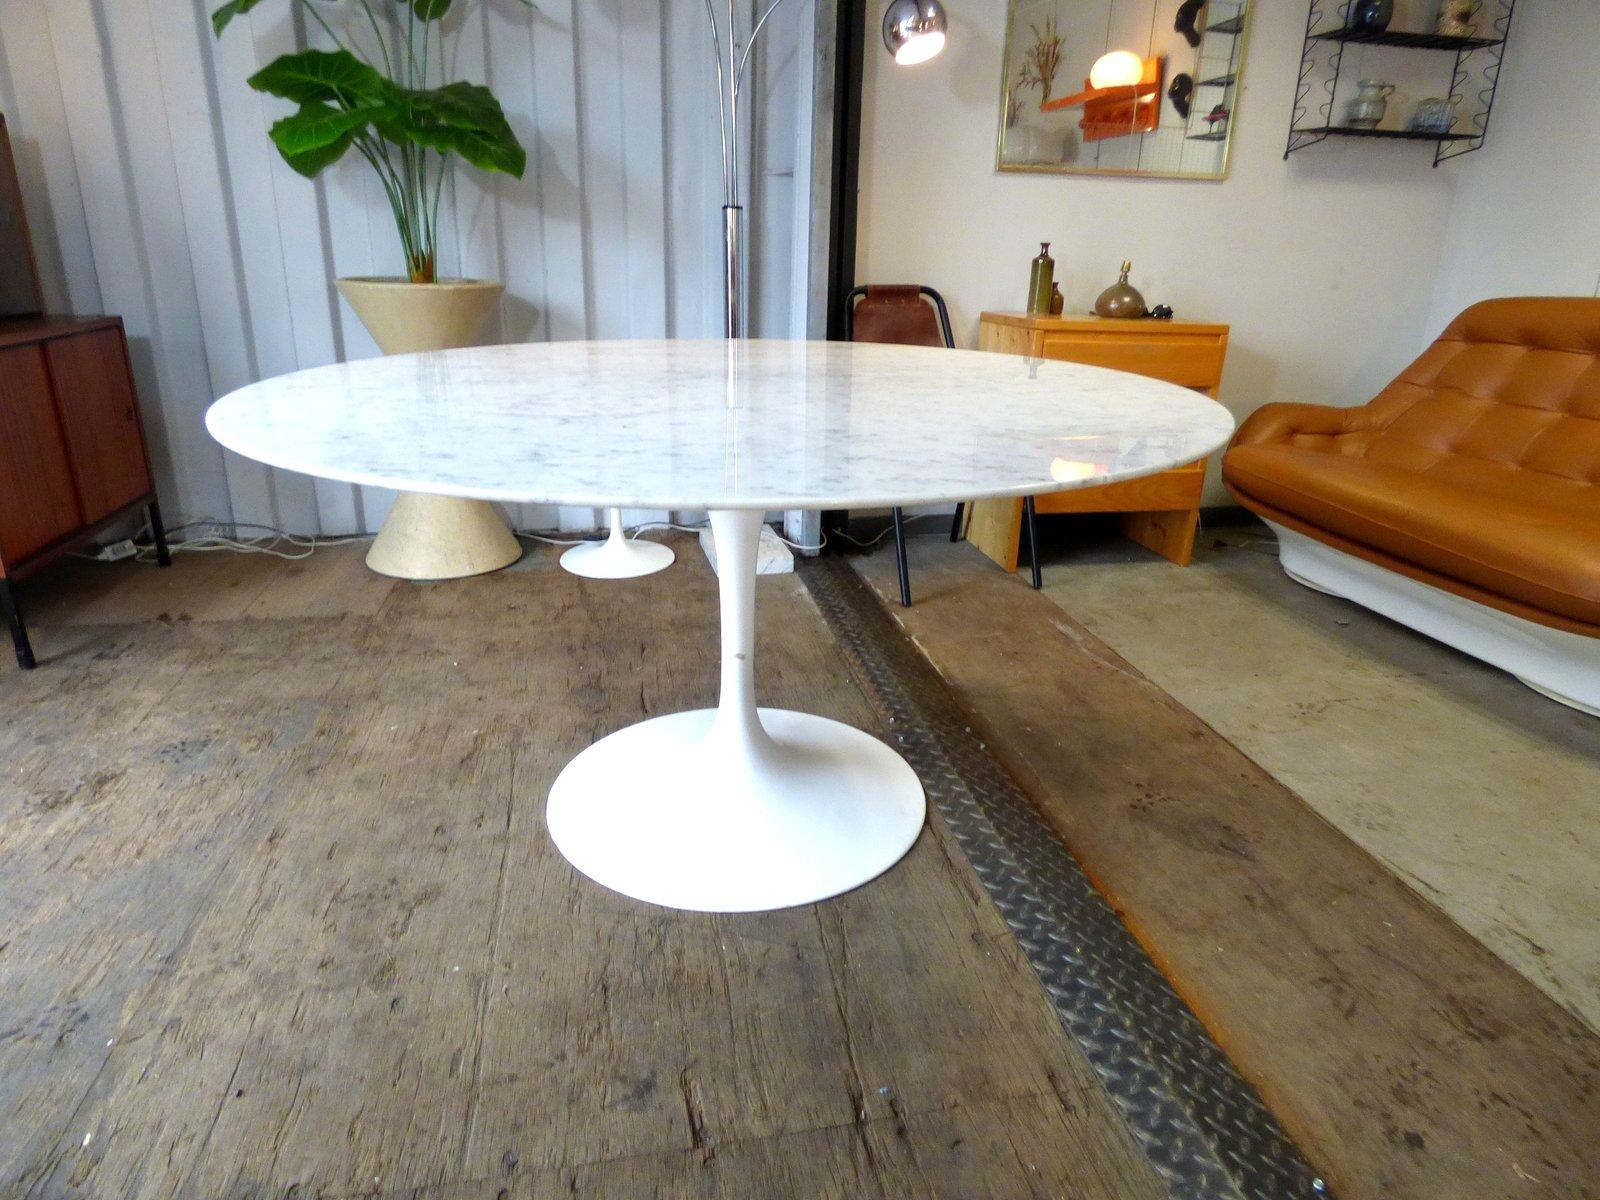 Tavolo tulip saarinen prezzo affordable tavolo tulip di knoll x saarinen tondo g dimensioni - Tavolo knoll prezzo ...